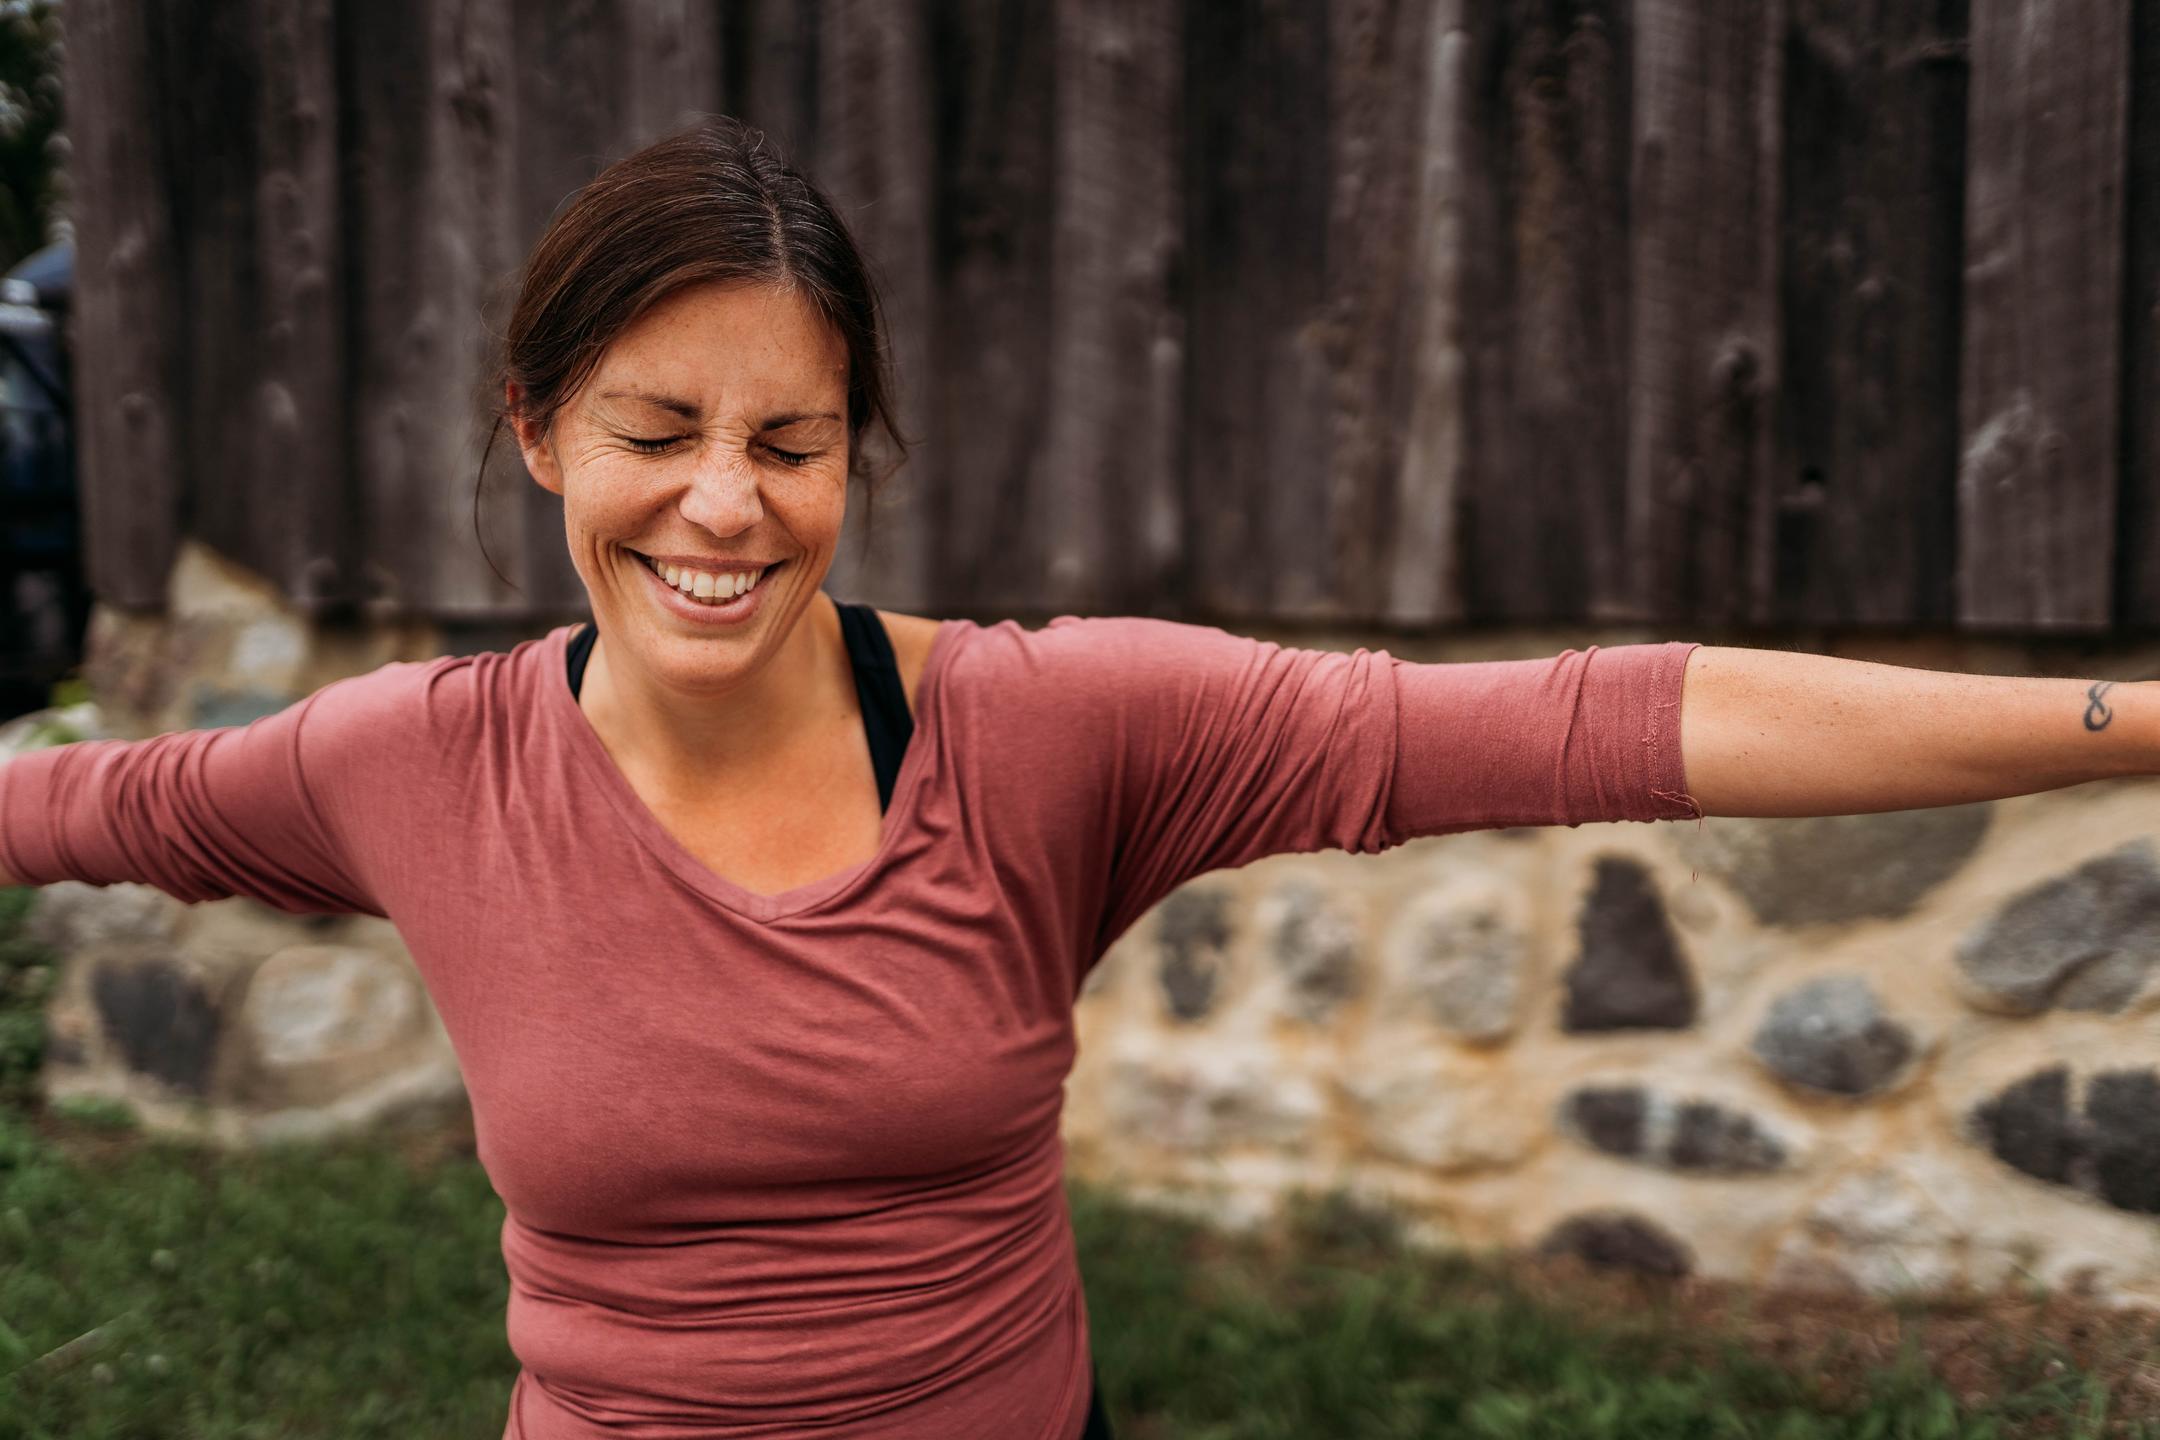 Rankin smiling in warrior II Yoga Pose